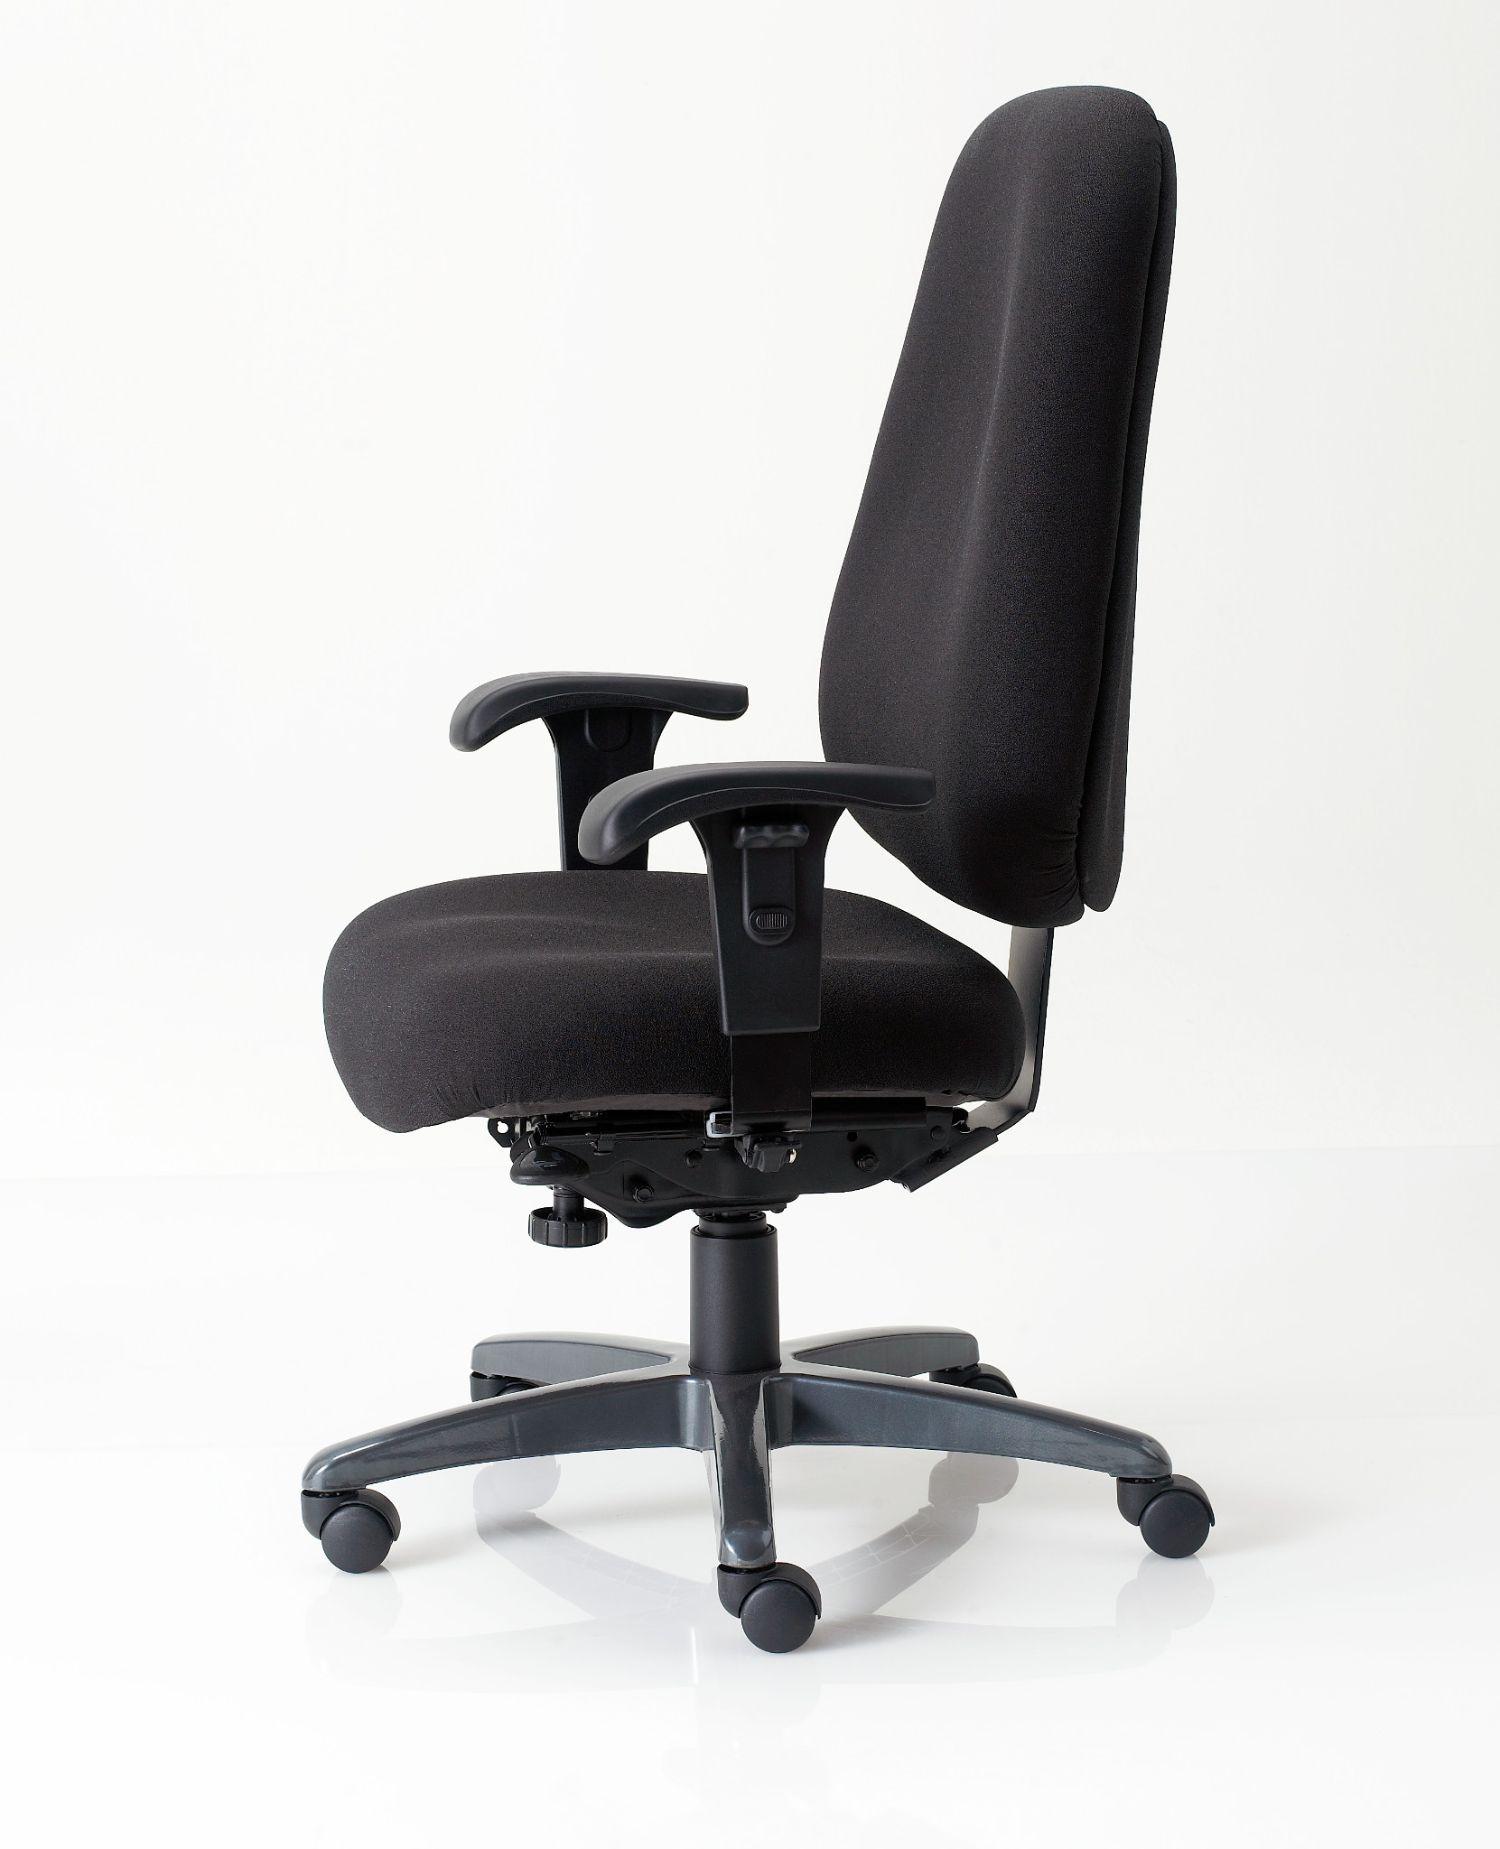 ki pilot chair with adjustable arms